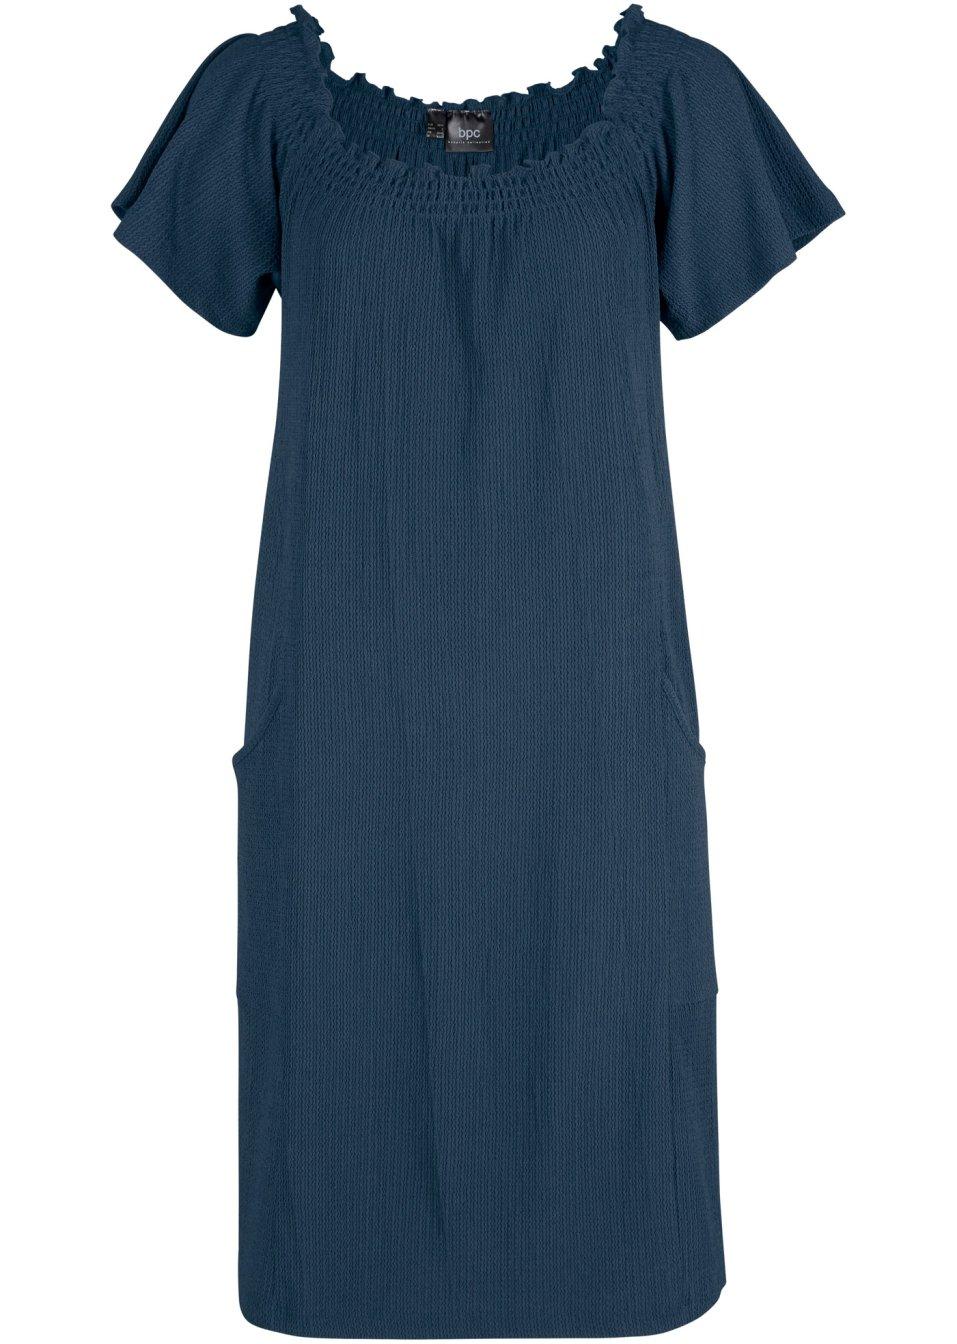 Weich fließenedes Kleid mit aufgesetzten Taschen und Smock-Einsatz am Ausschnitt. - dunkelblau zHmmo j0k78